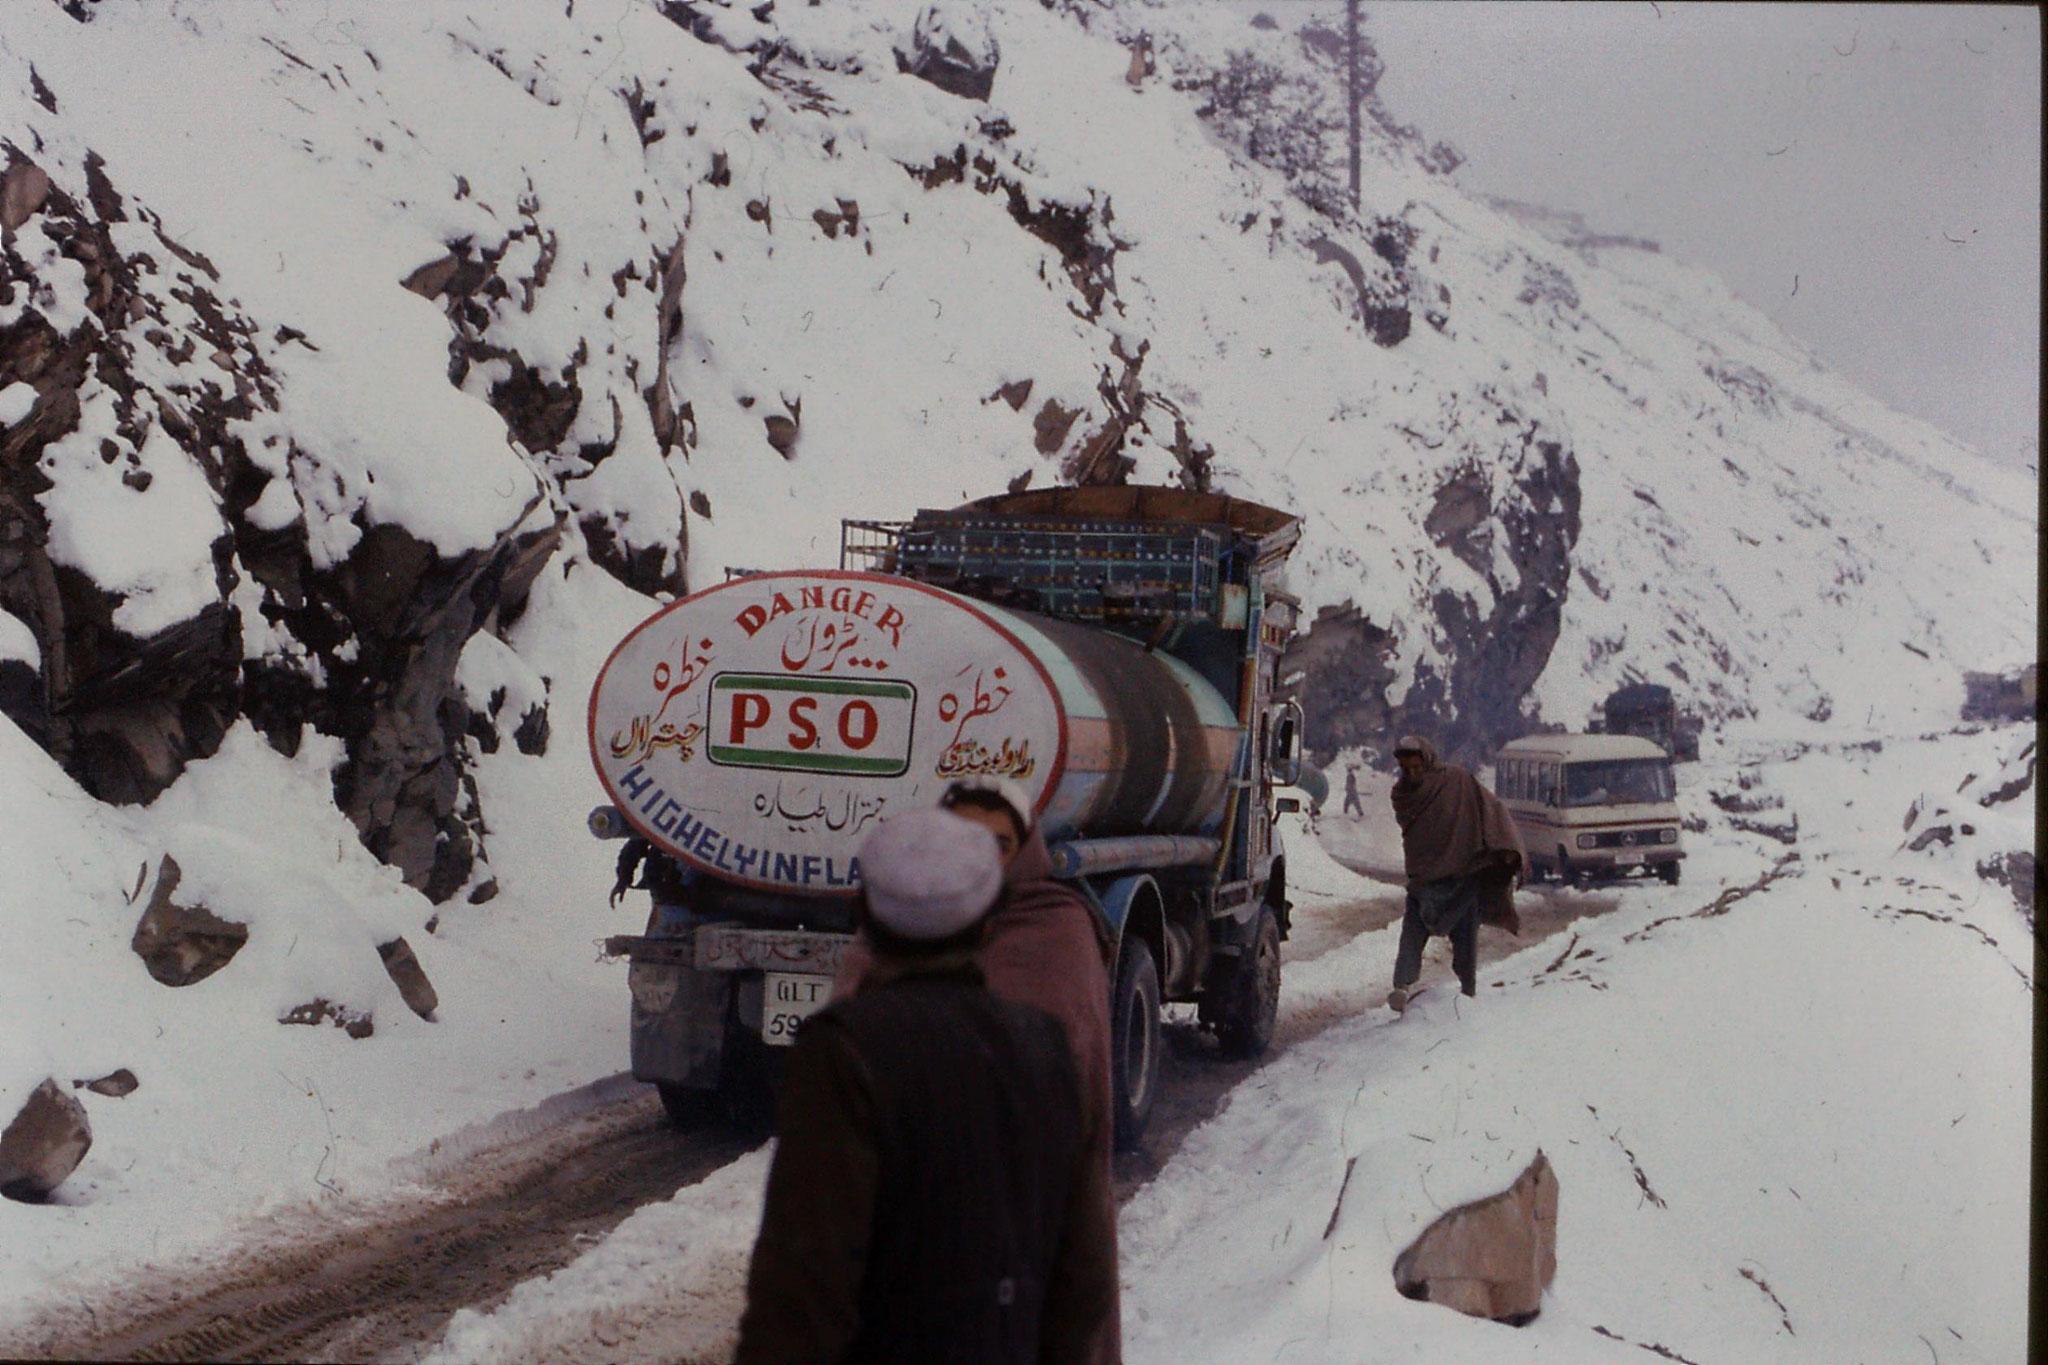 2/11/1989: 6: Loweri Pass